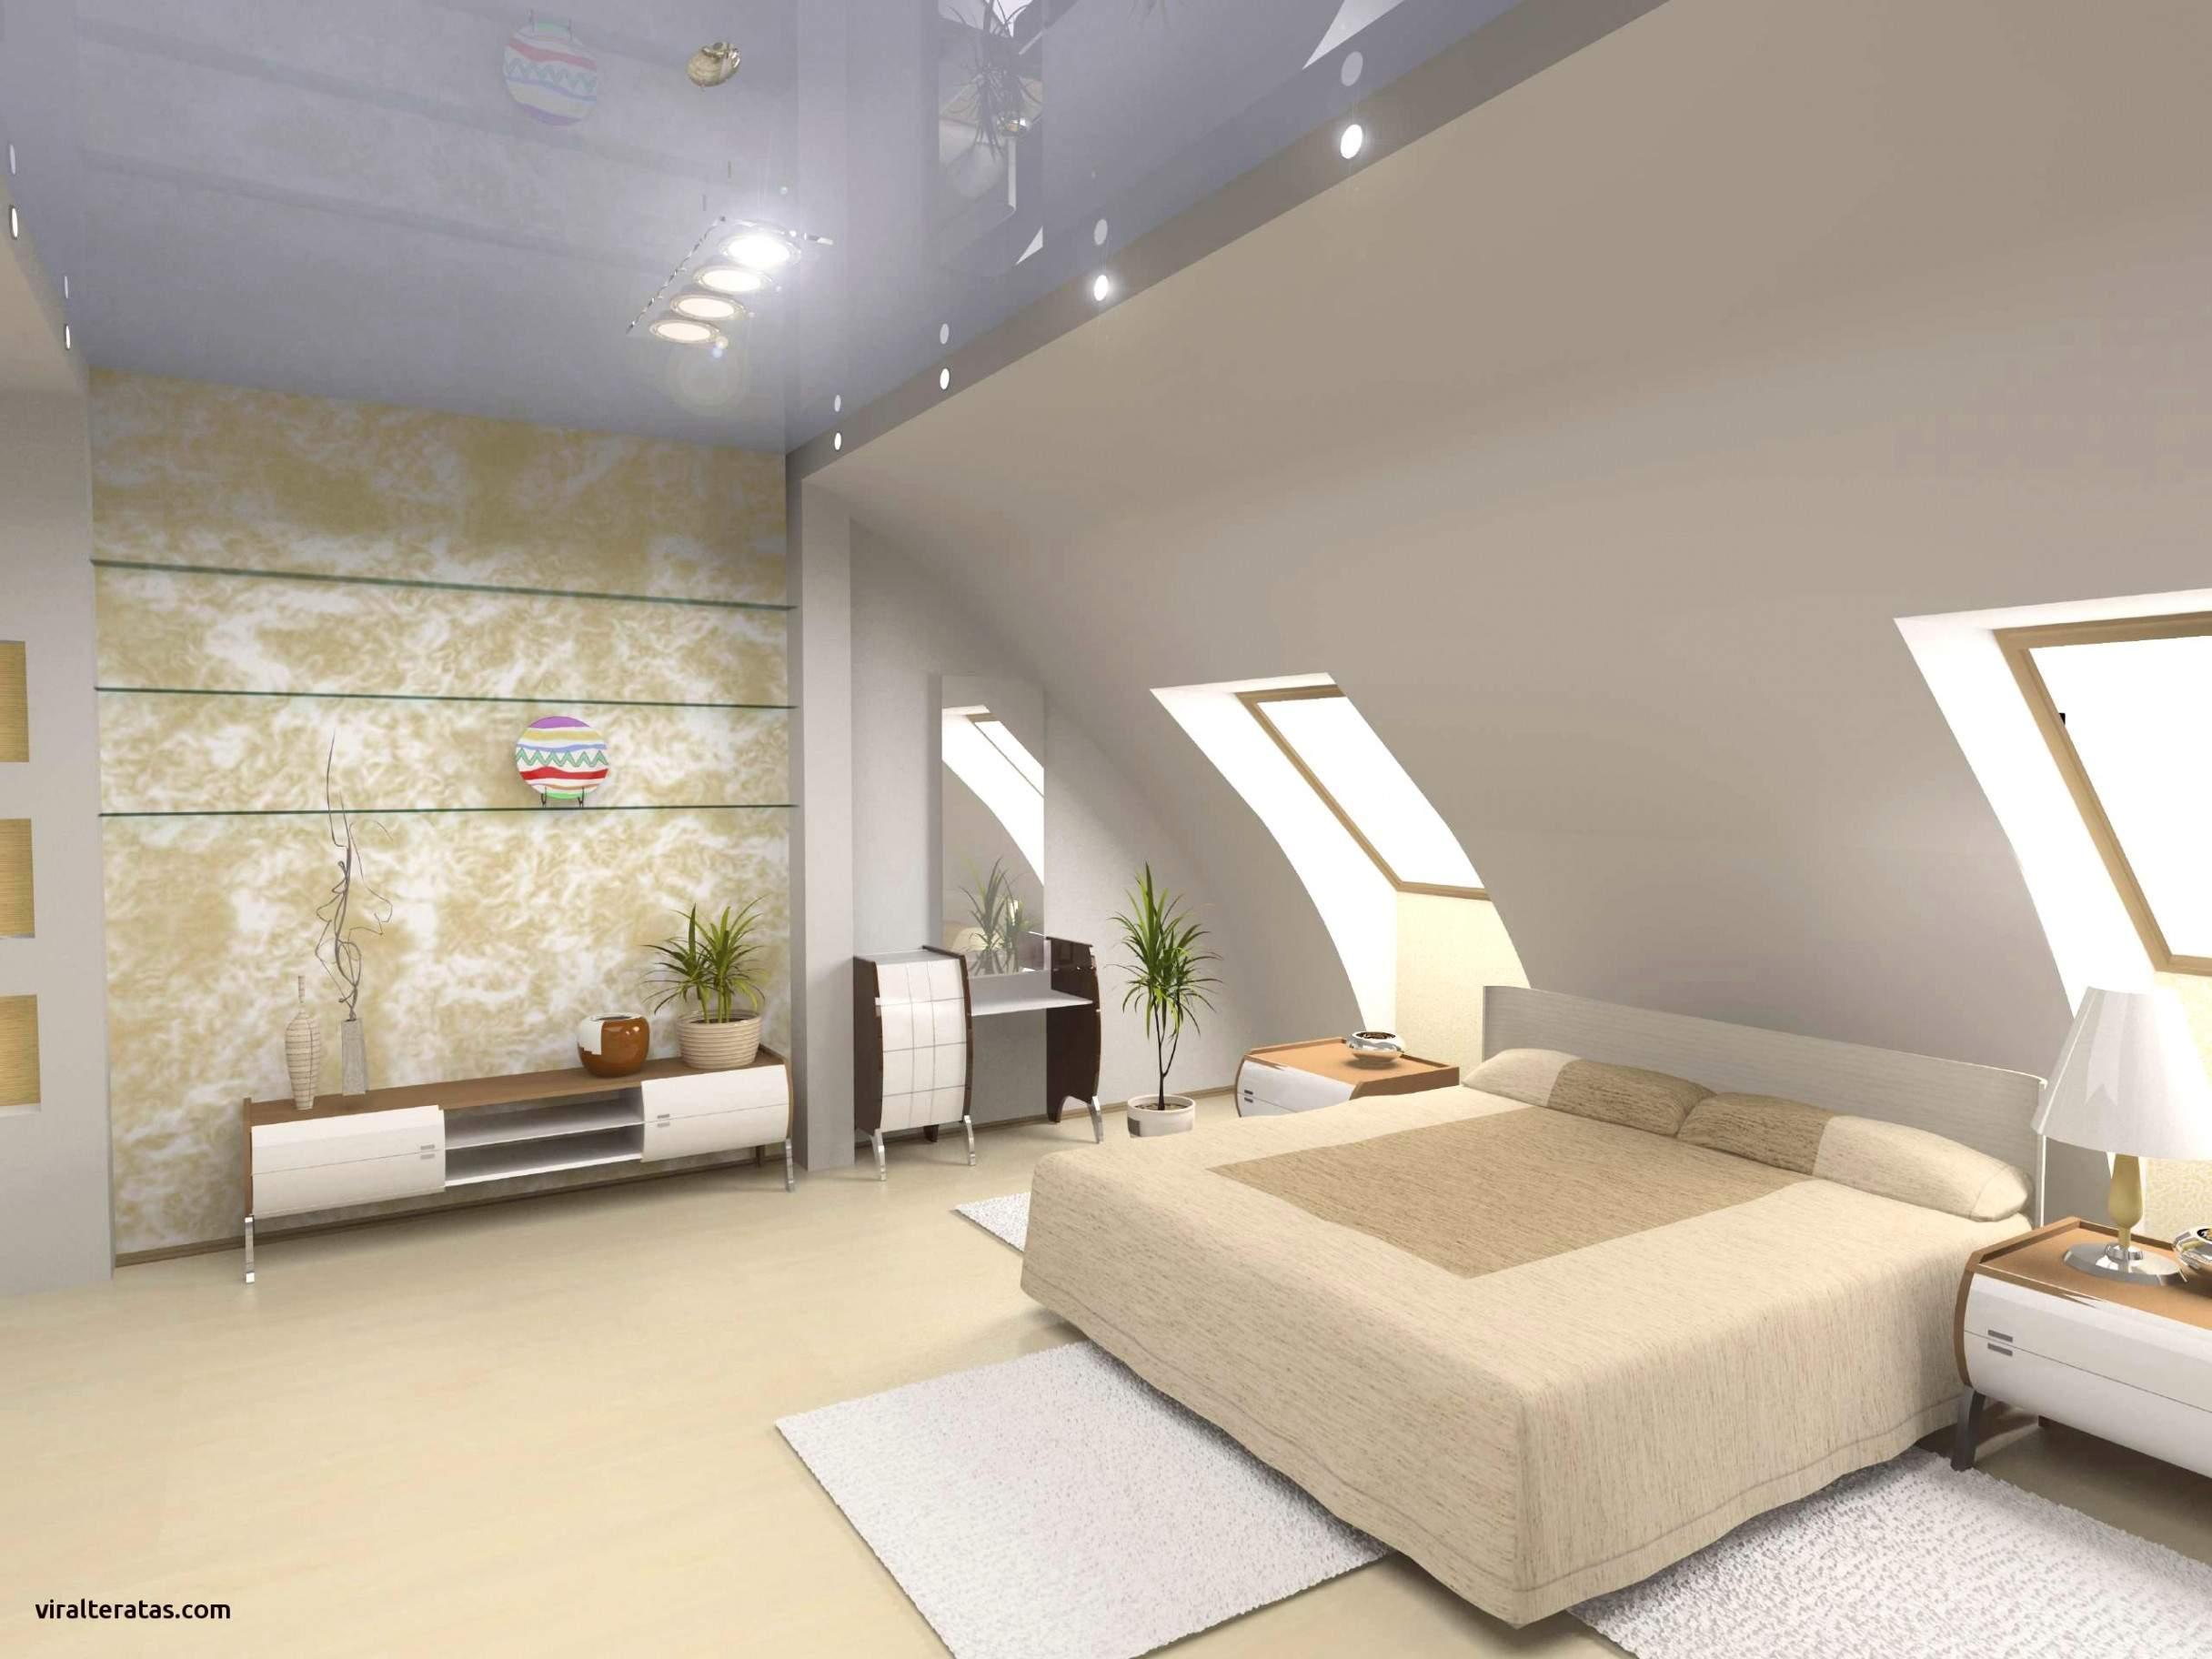 Farbgestaltung Schlafzimmer Mit Schräge